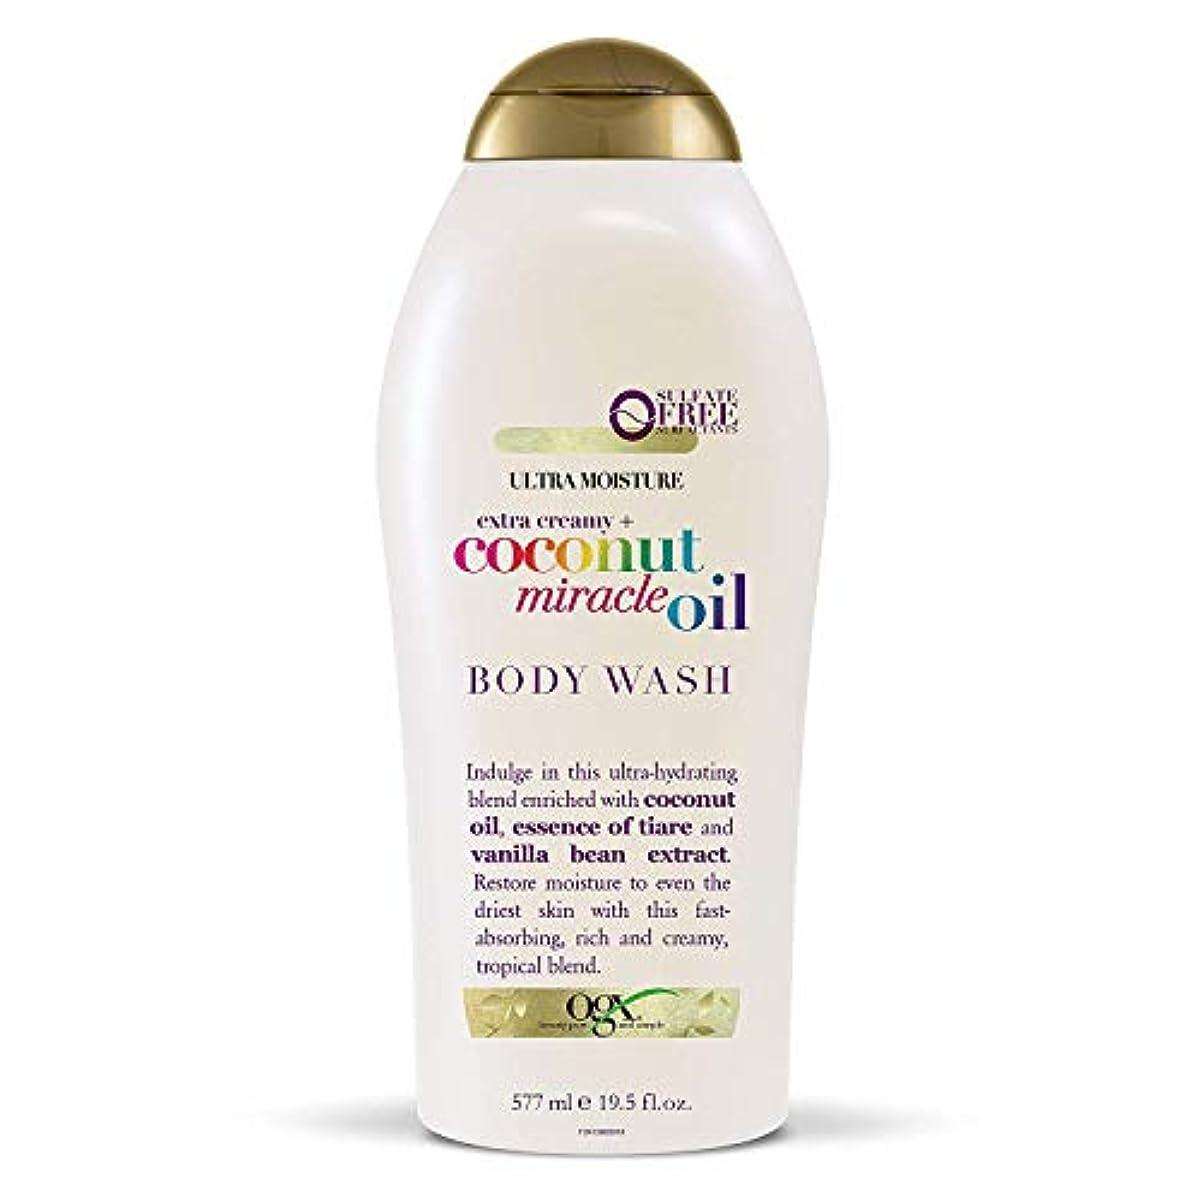 頭あいまいさ毎週Ogx Body Wash Coconut Miracle Oil Extra Strength 19.5oz OGX ココナッツミラクルオイル エクストラストレングス ボディウォッシュ 577ml [並行輸入品]